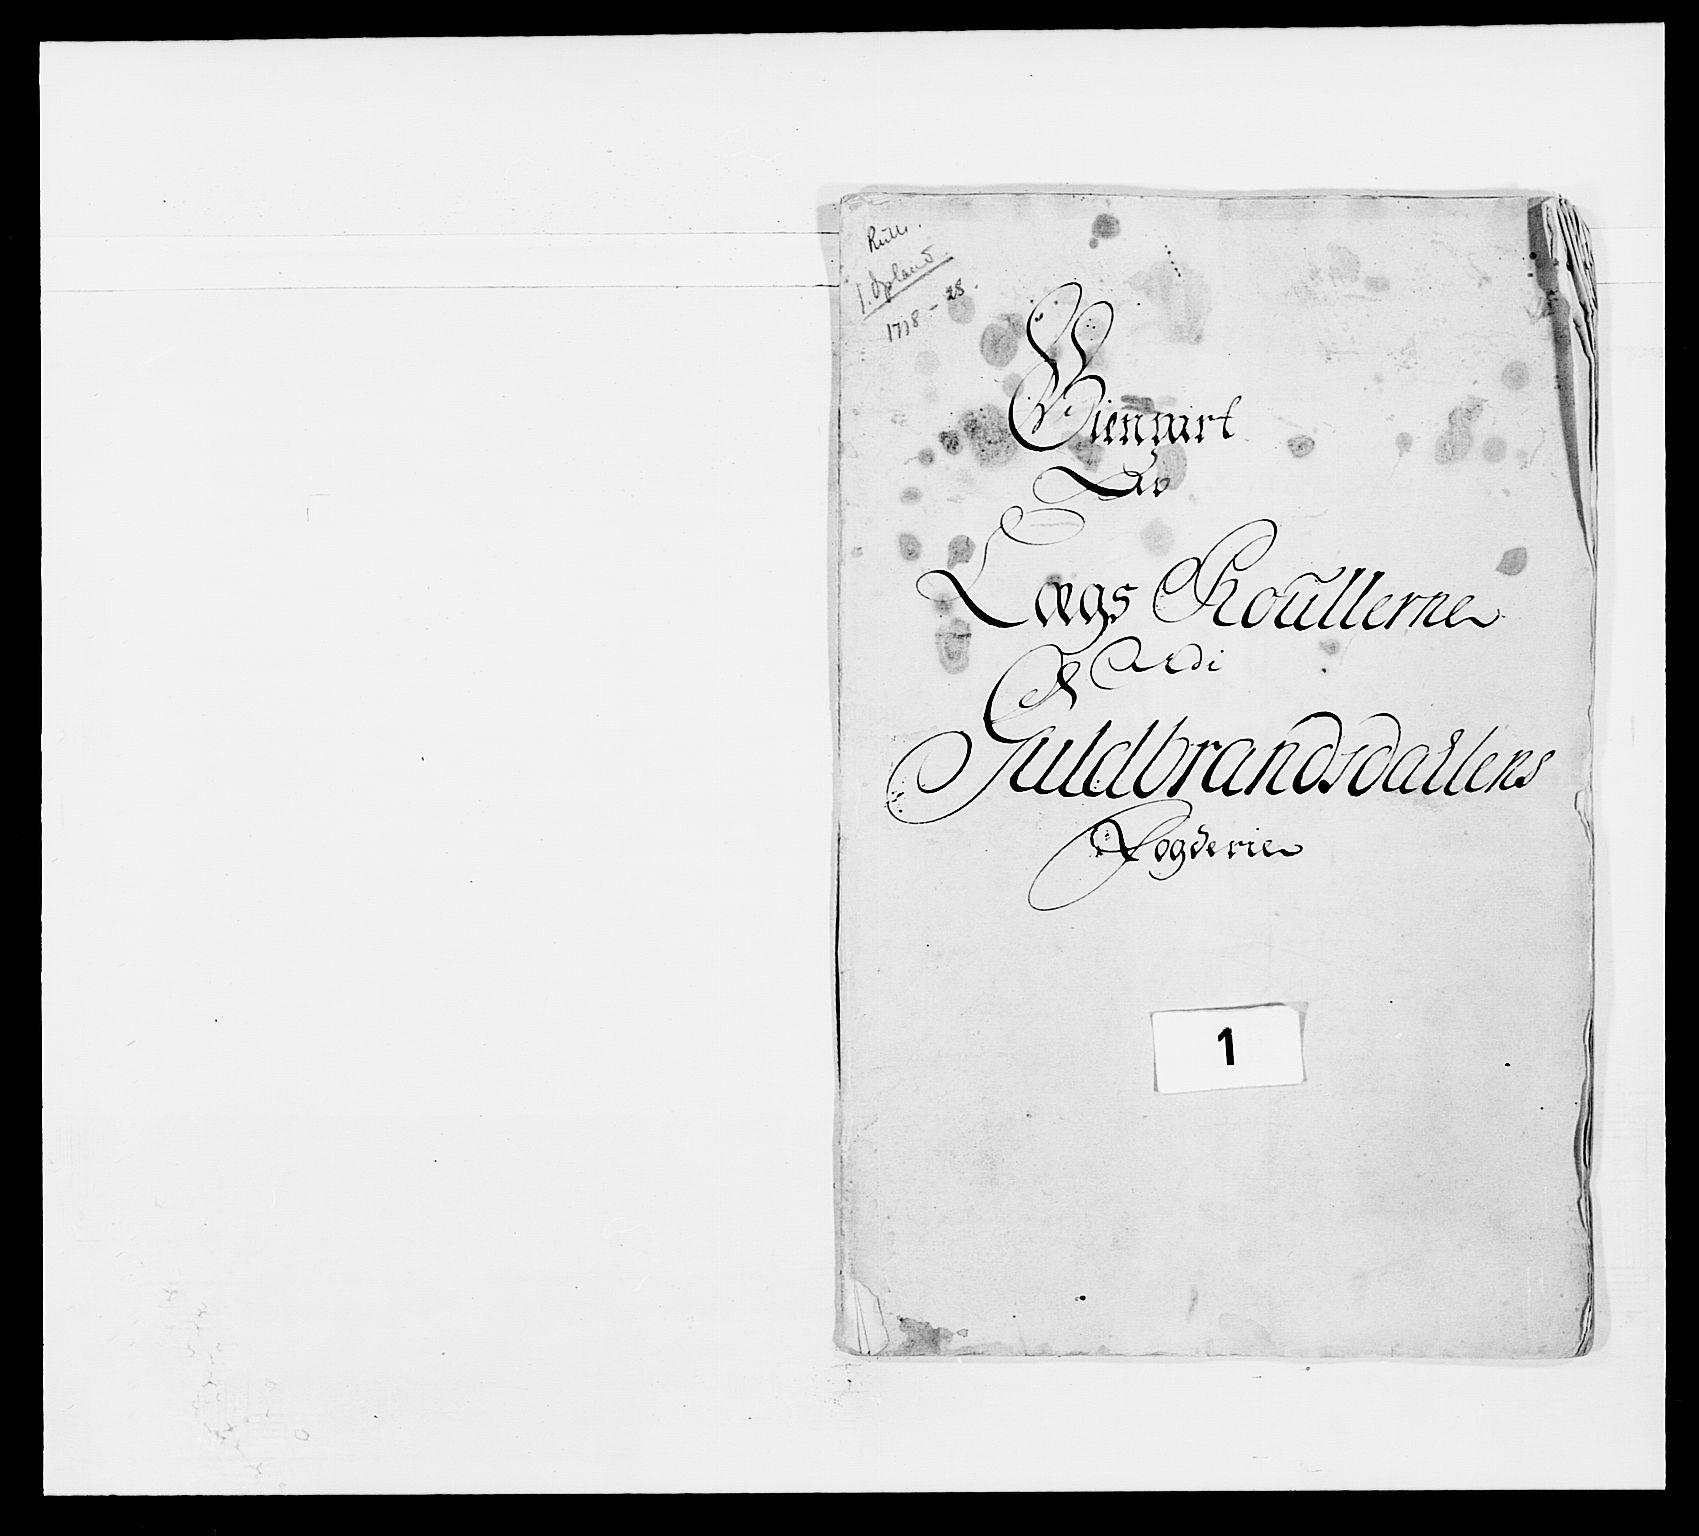 RA, Kommanderende general (KG I) med Det norske krigsdirektorium, E/Ea/L0502: 1. Opplandske regiment, 1720-1743, s. 7